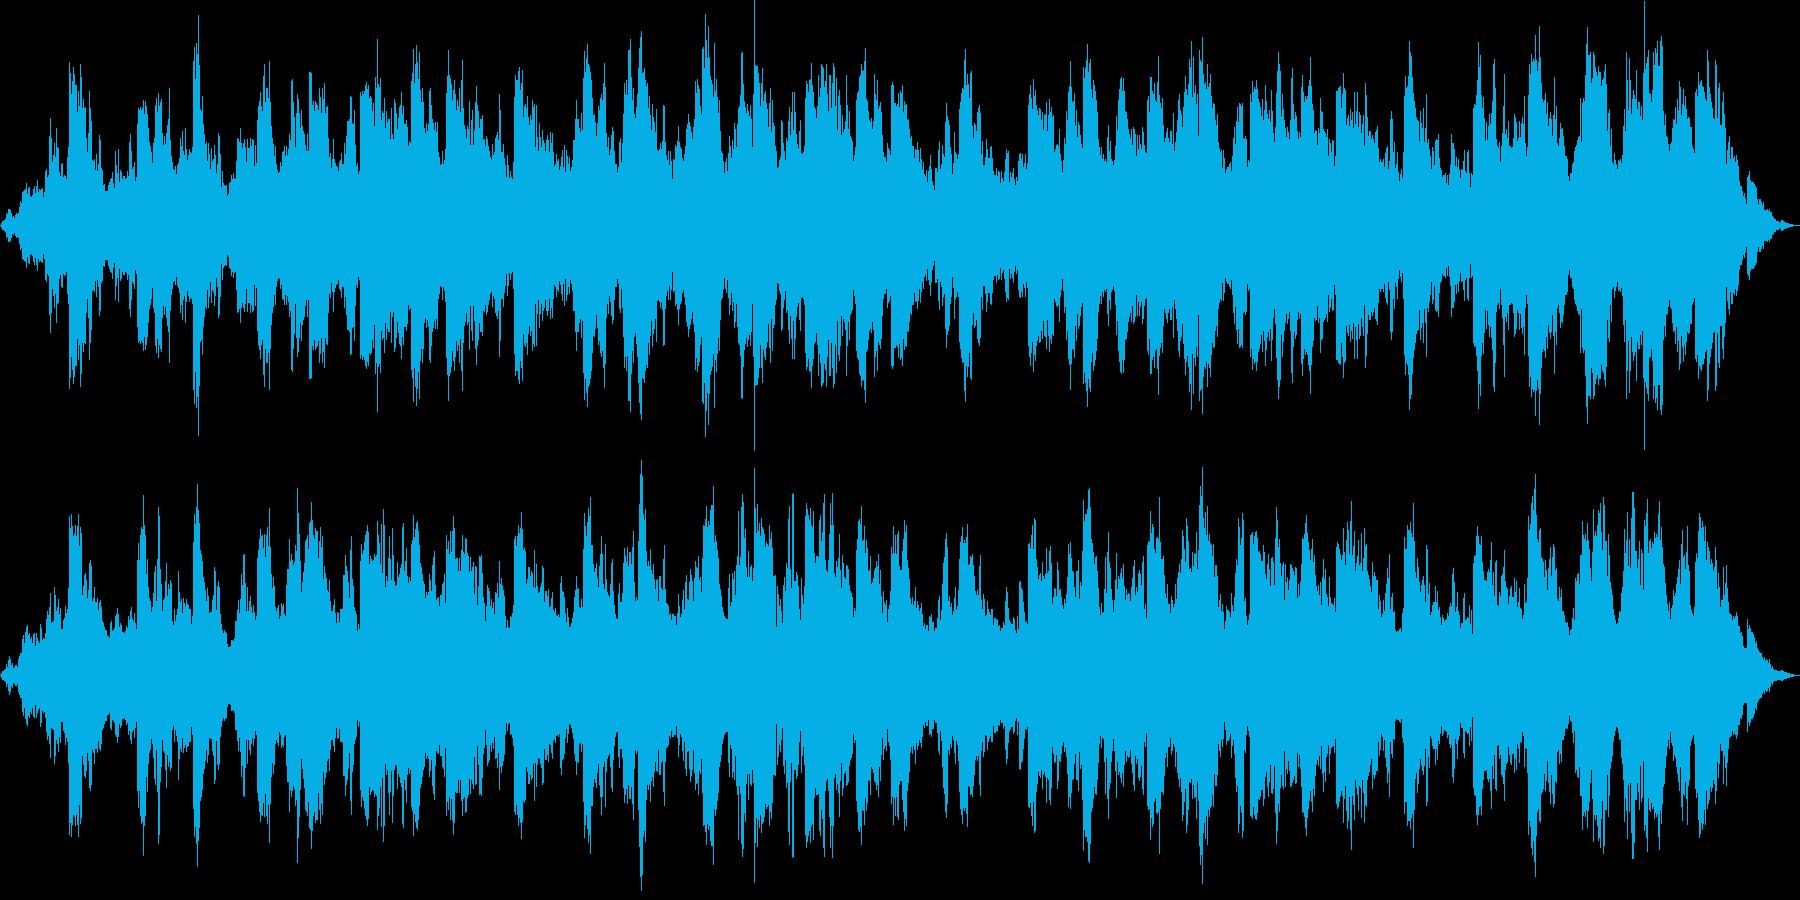 宇宙的で平和的なアンビエント_波の音入りの再生済みの波形